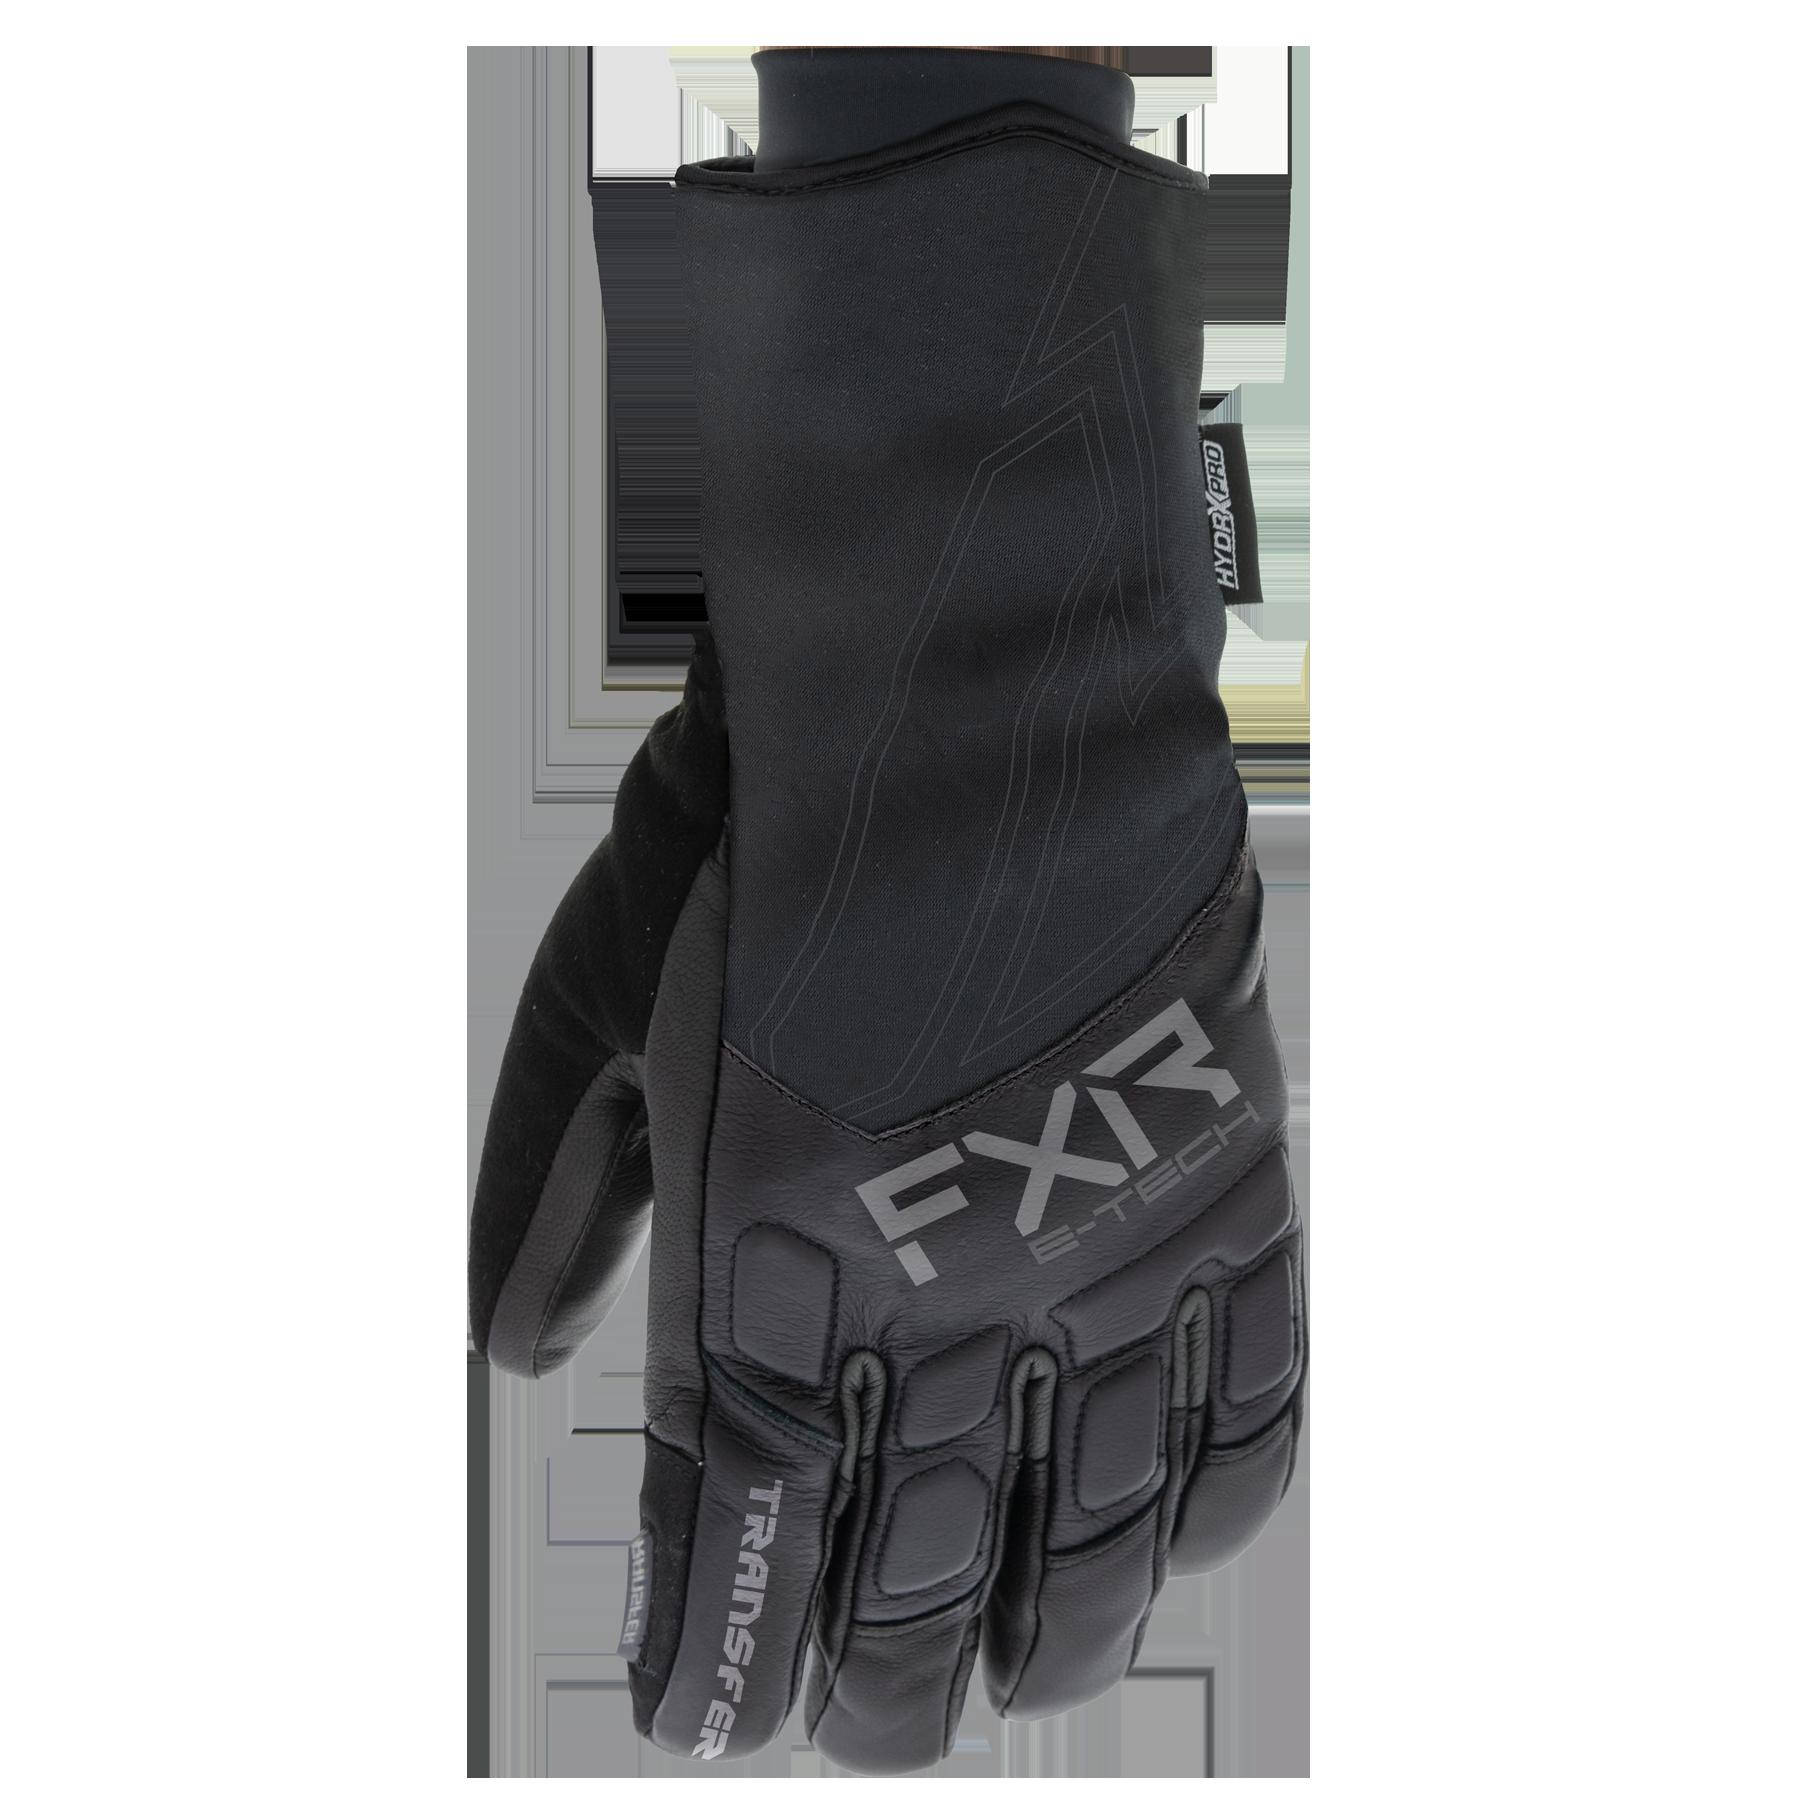 Transfer E Tech Glove 22 KI 6-9